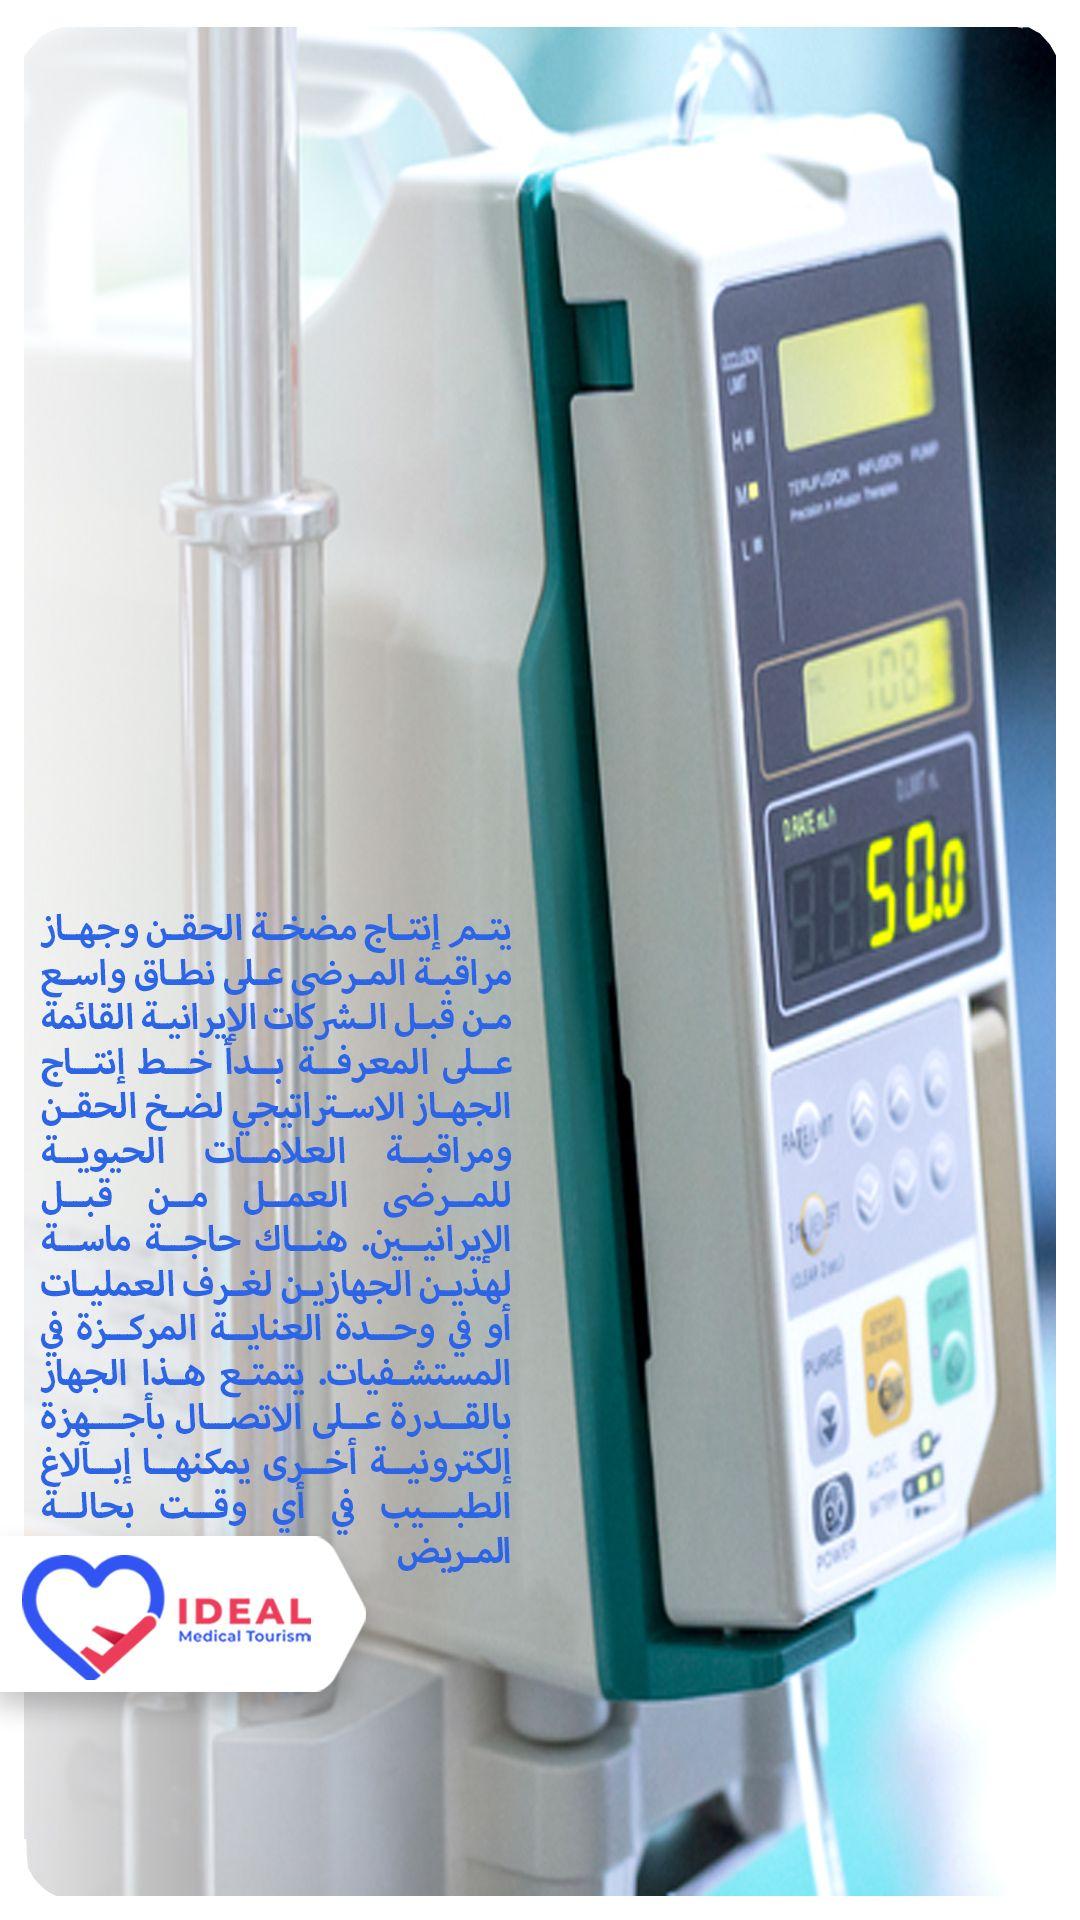 يتم إنتاج مضخة الحقن وجهاز مراقبة المرضى على نطاق واسع من قبل الشركات الإيرانية القائمة على المعرفة بد Vital Signs Monitor Medical Tourism Intensive Care Unit